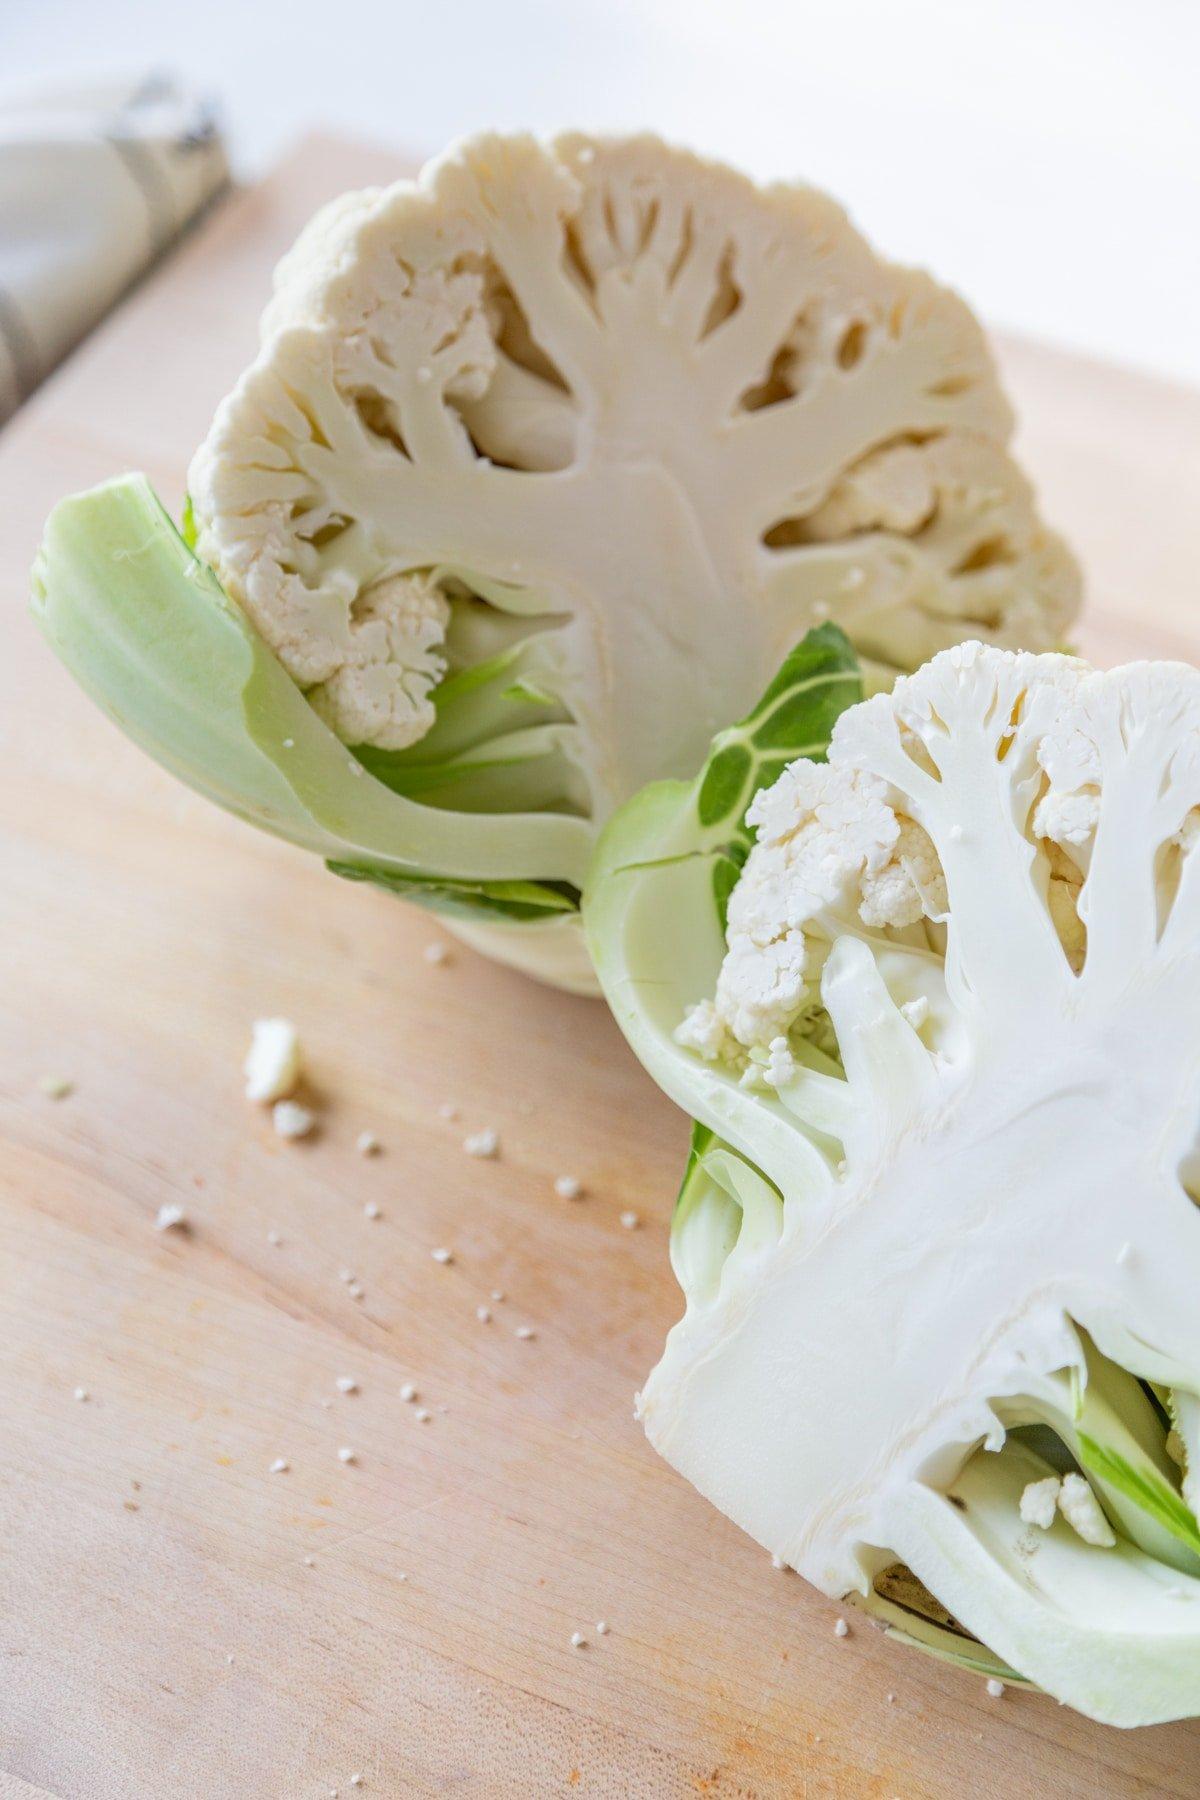 A head of cauliflower cut in half on a wood cutting board.